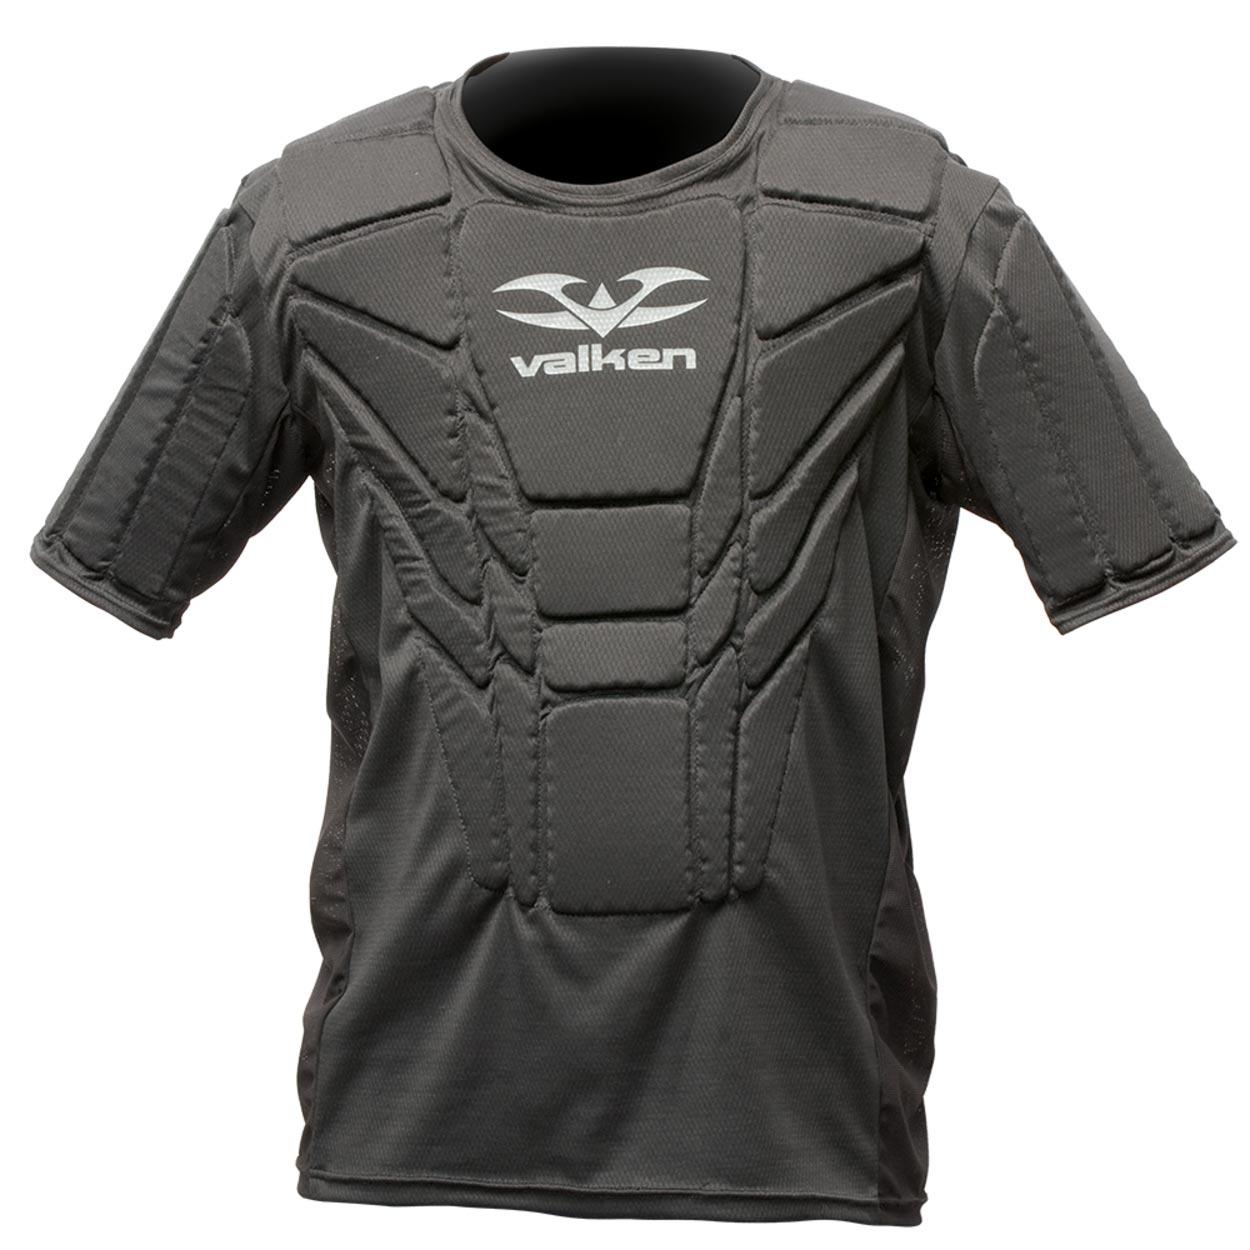 Valken PadImpact Shirt Chest Upper Body Chest 2XL/3XL